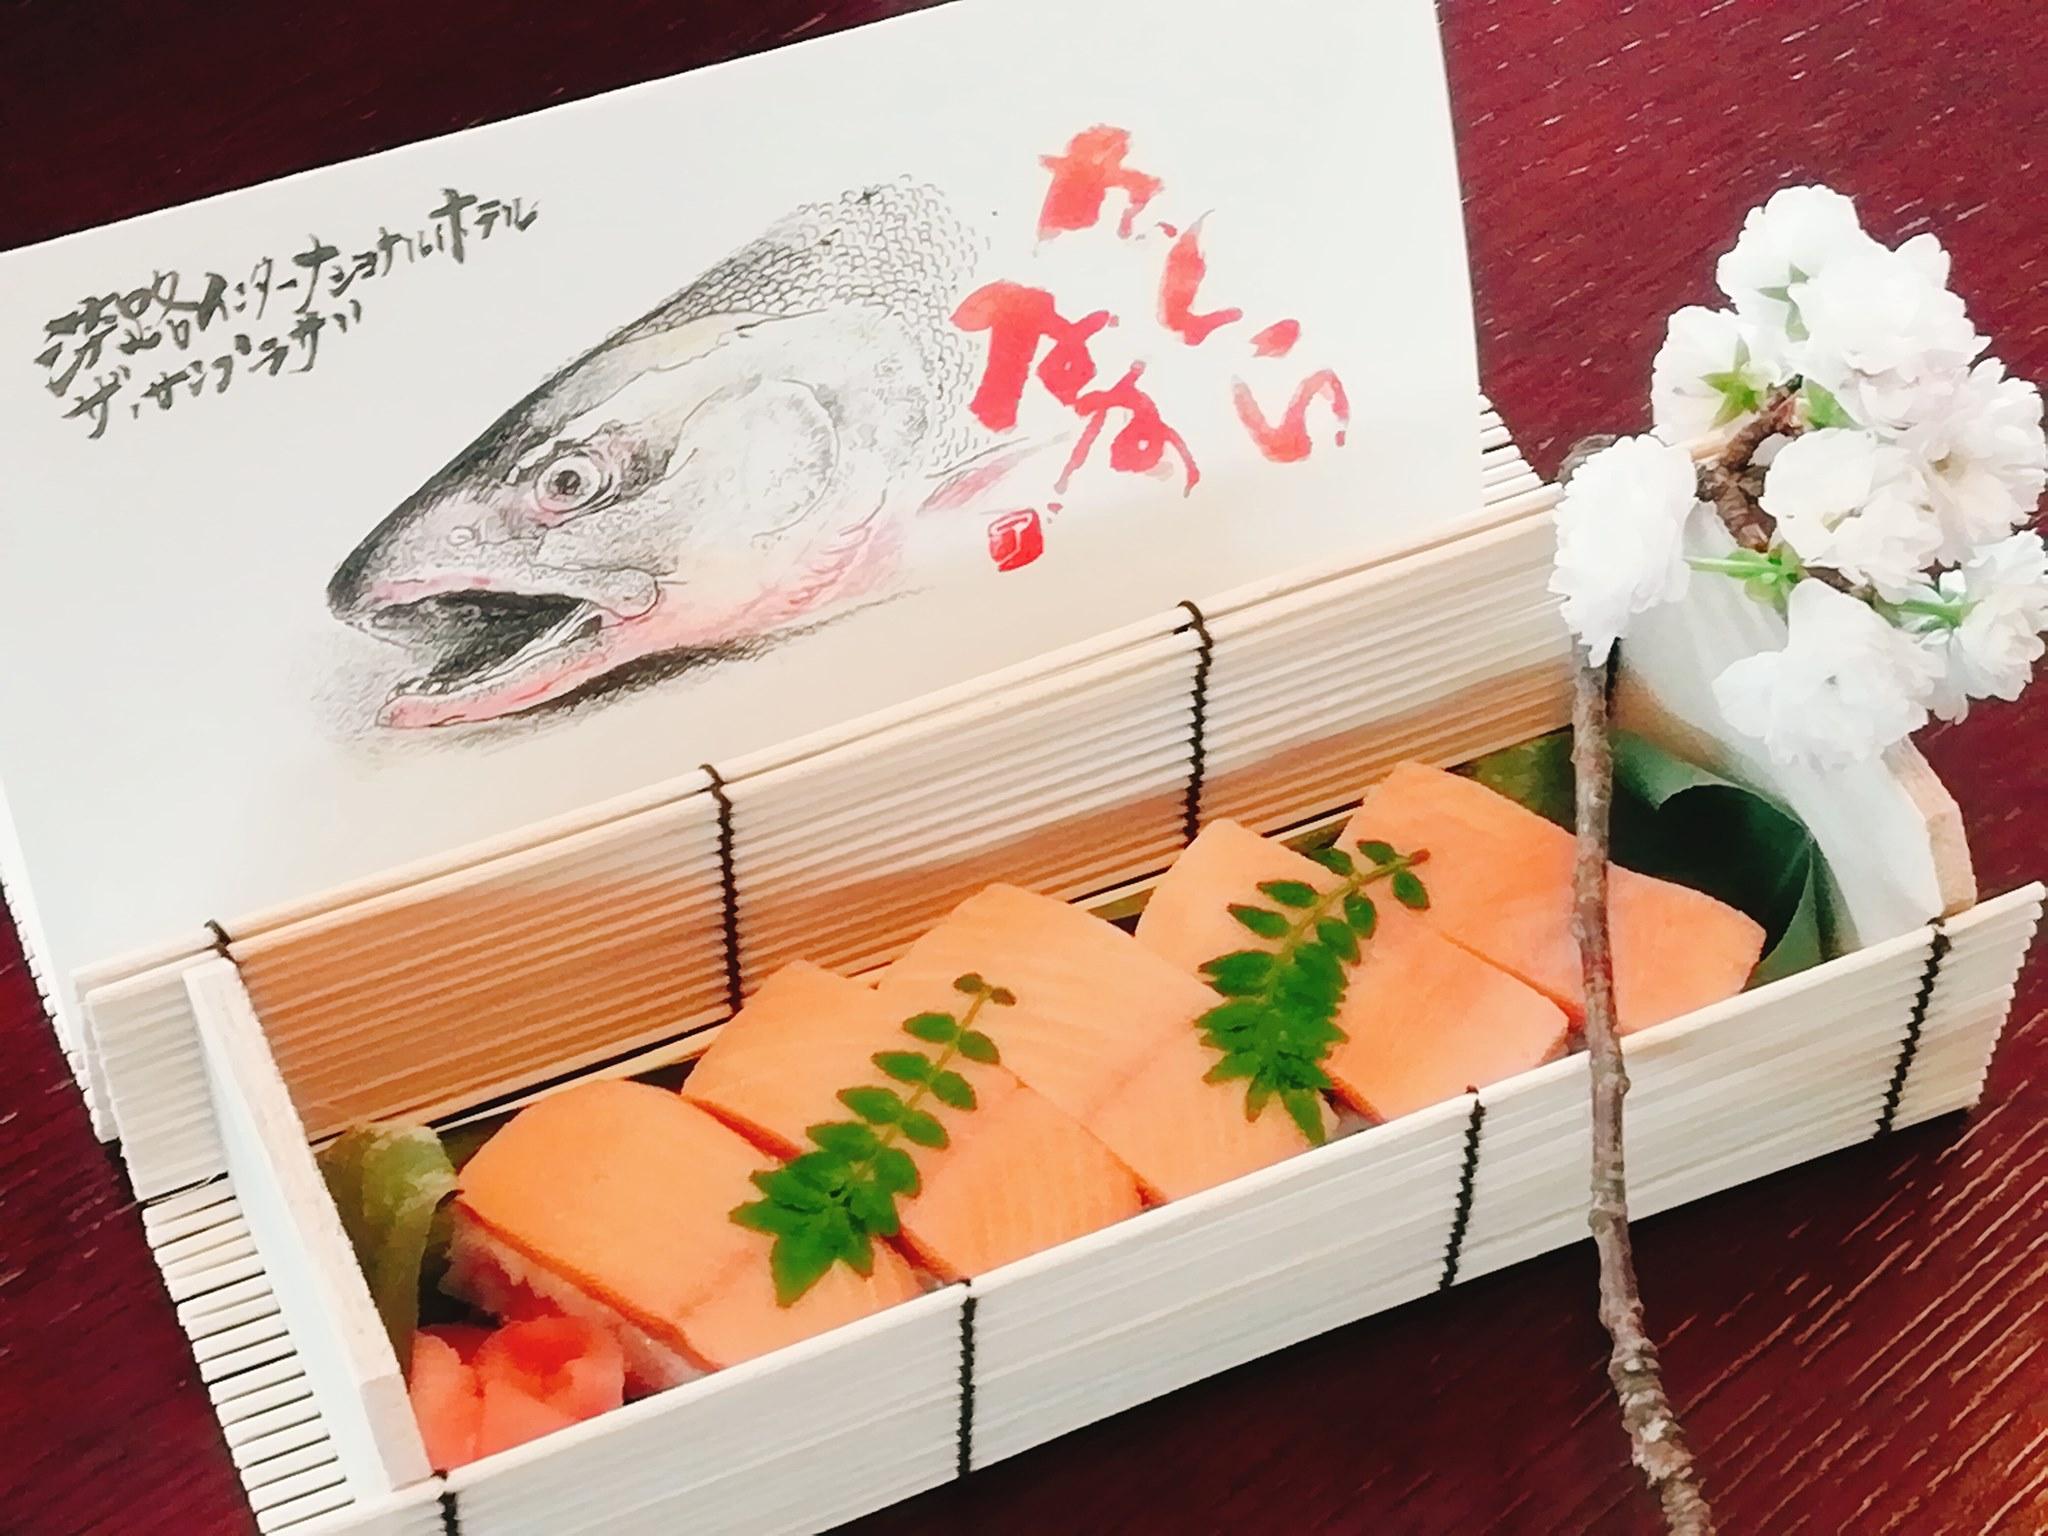 淡路島サクラマス寿司